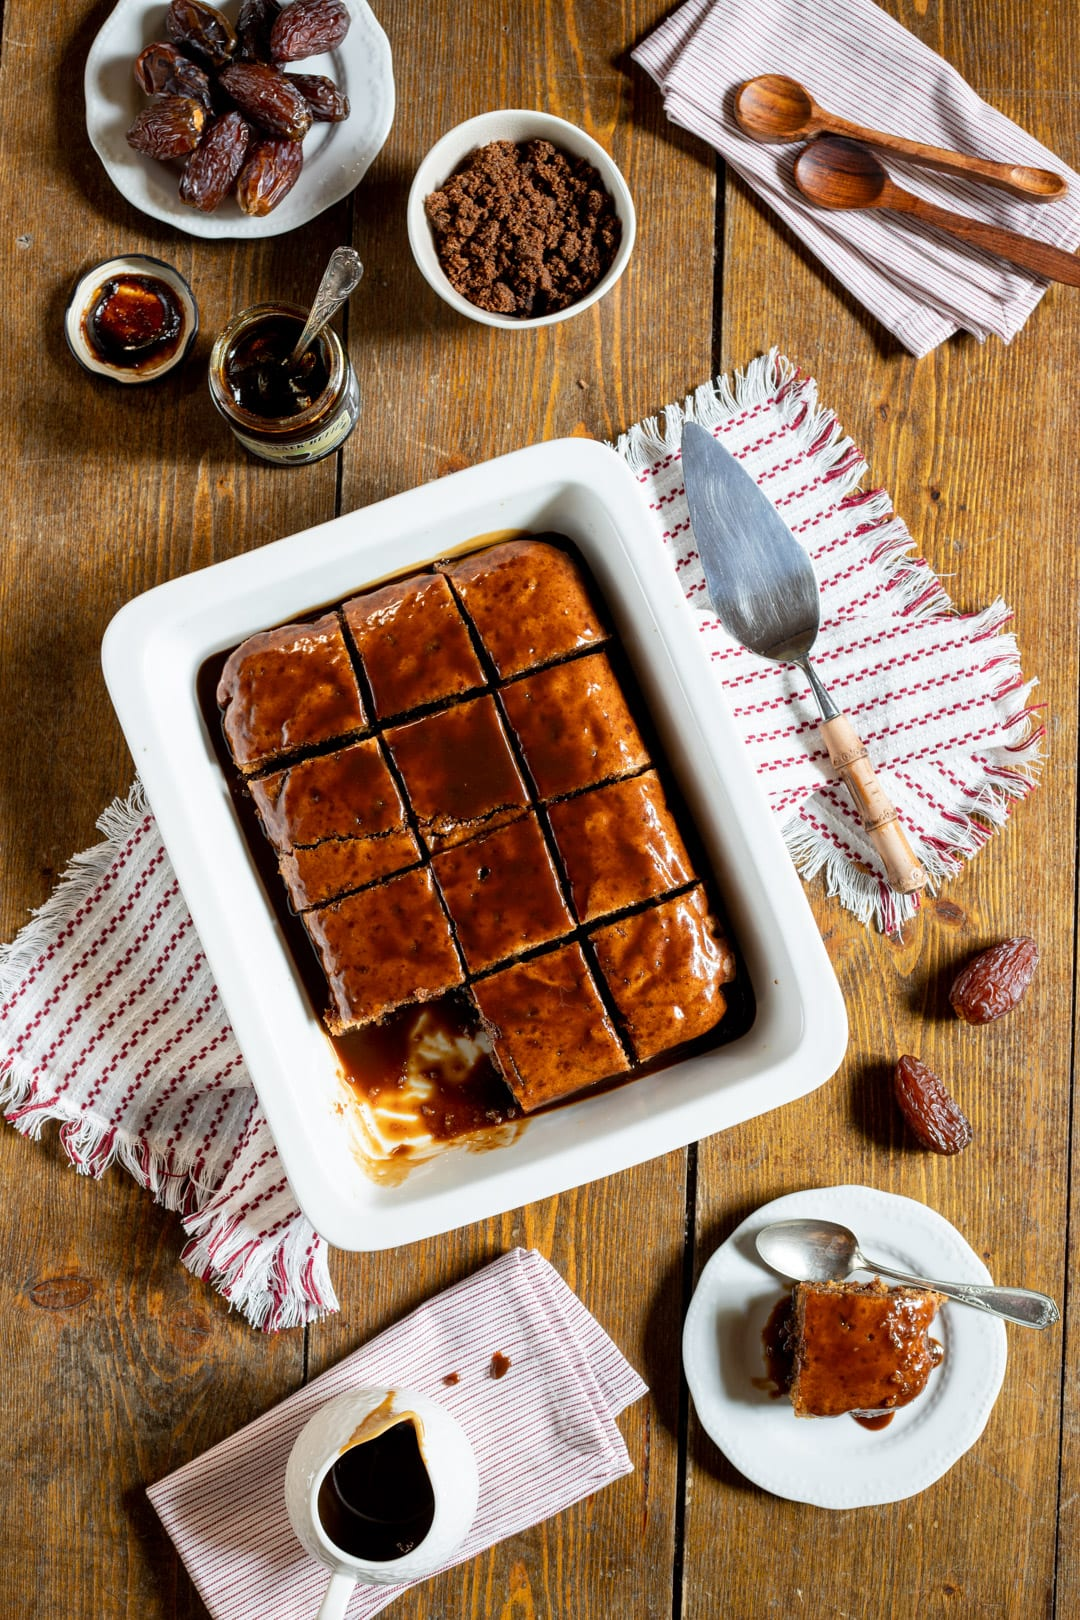 Sticky toffee pudding diviso a cubotti e pronto per l'assaggio